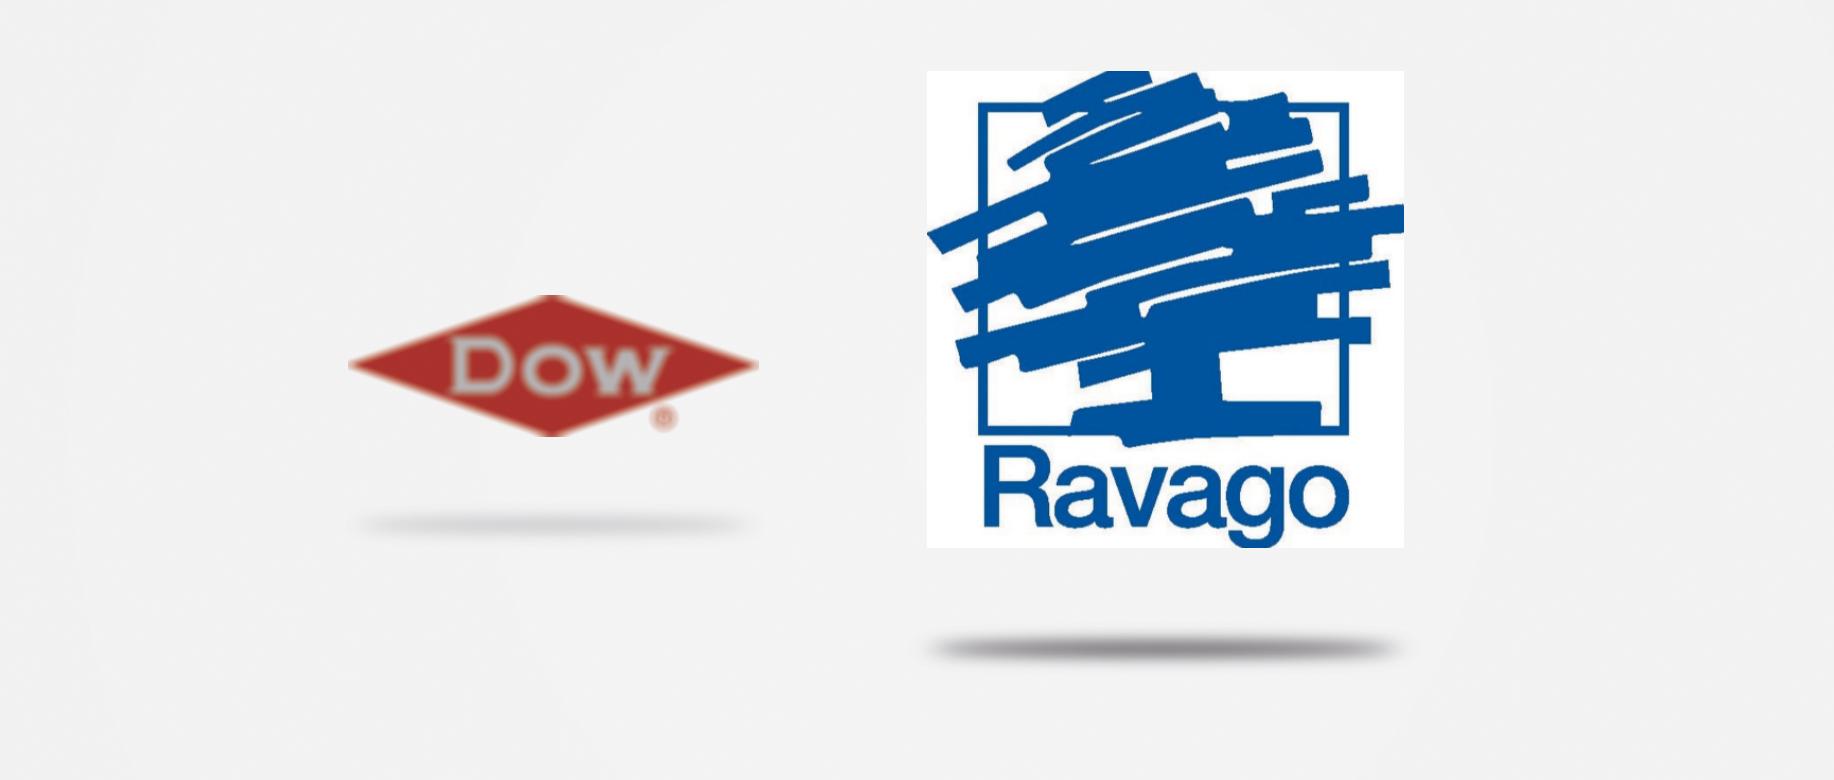 DOW wird zu Ravago